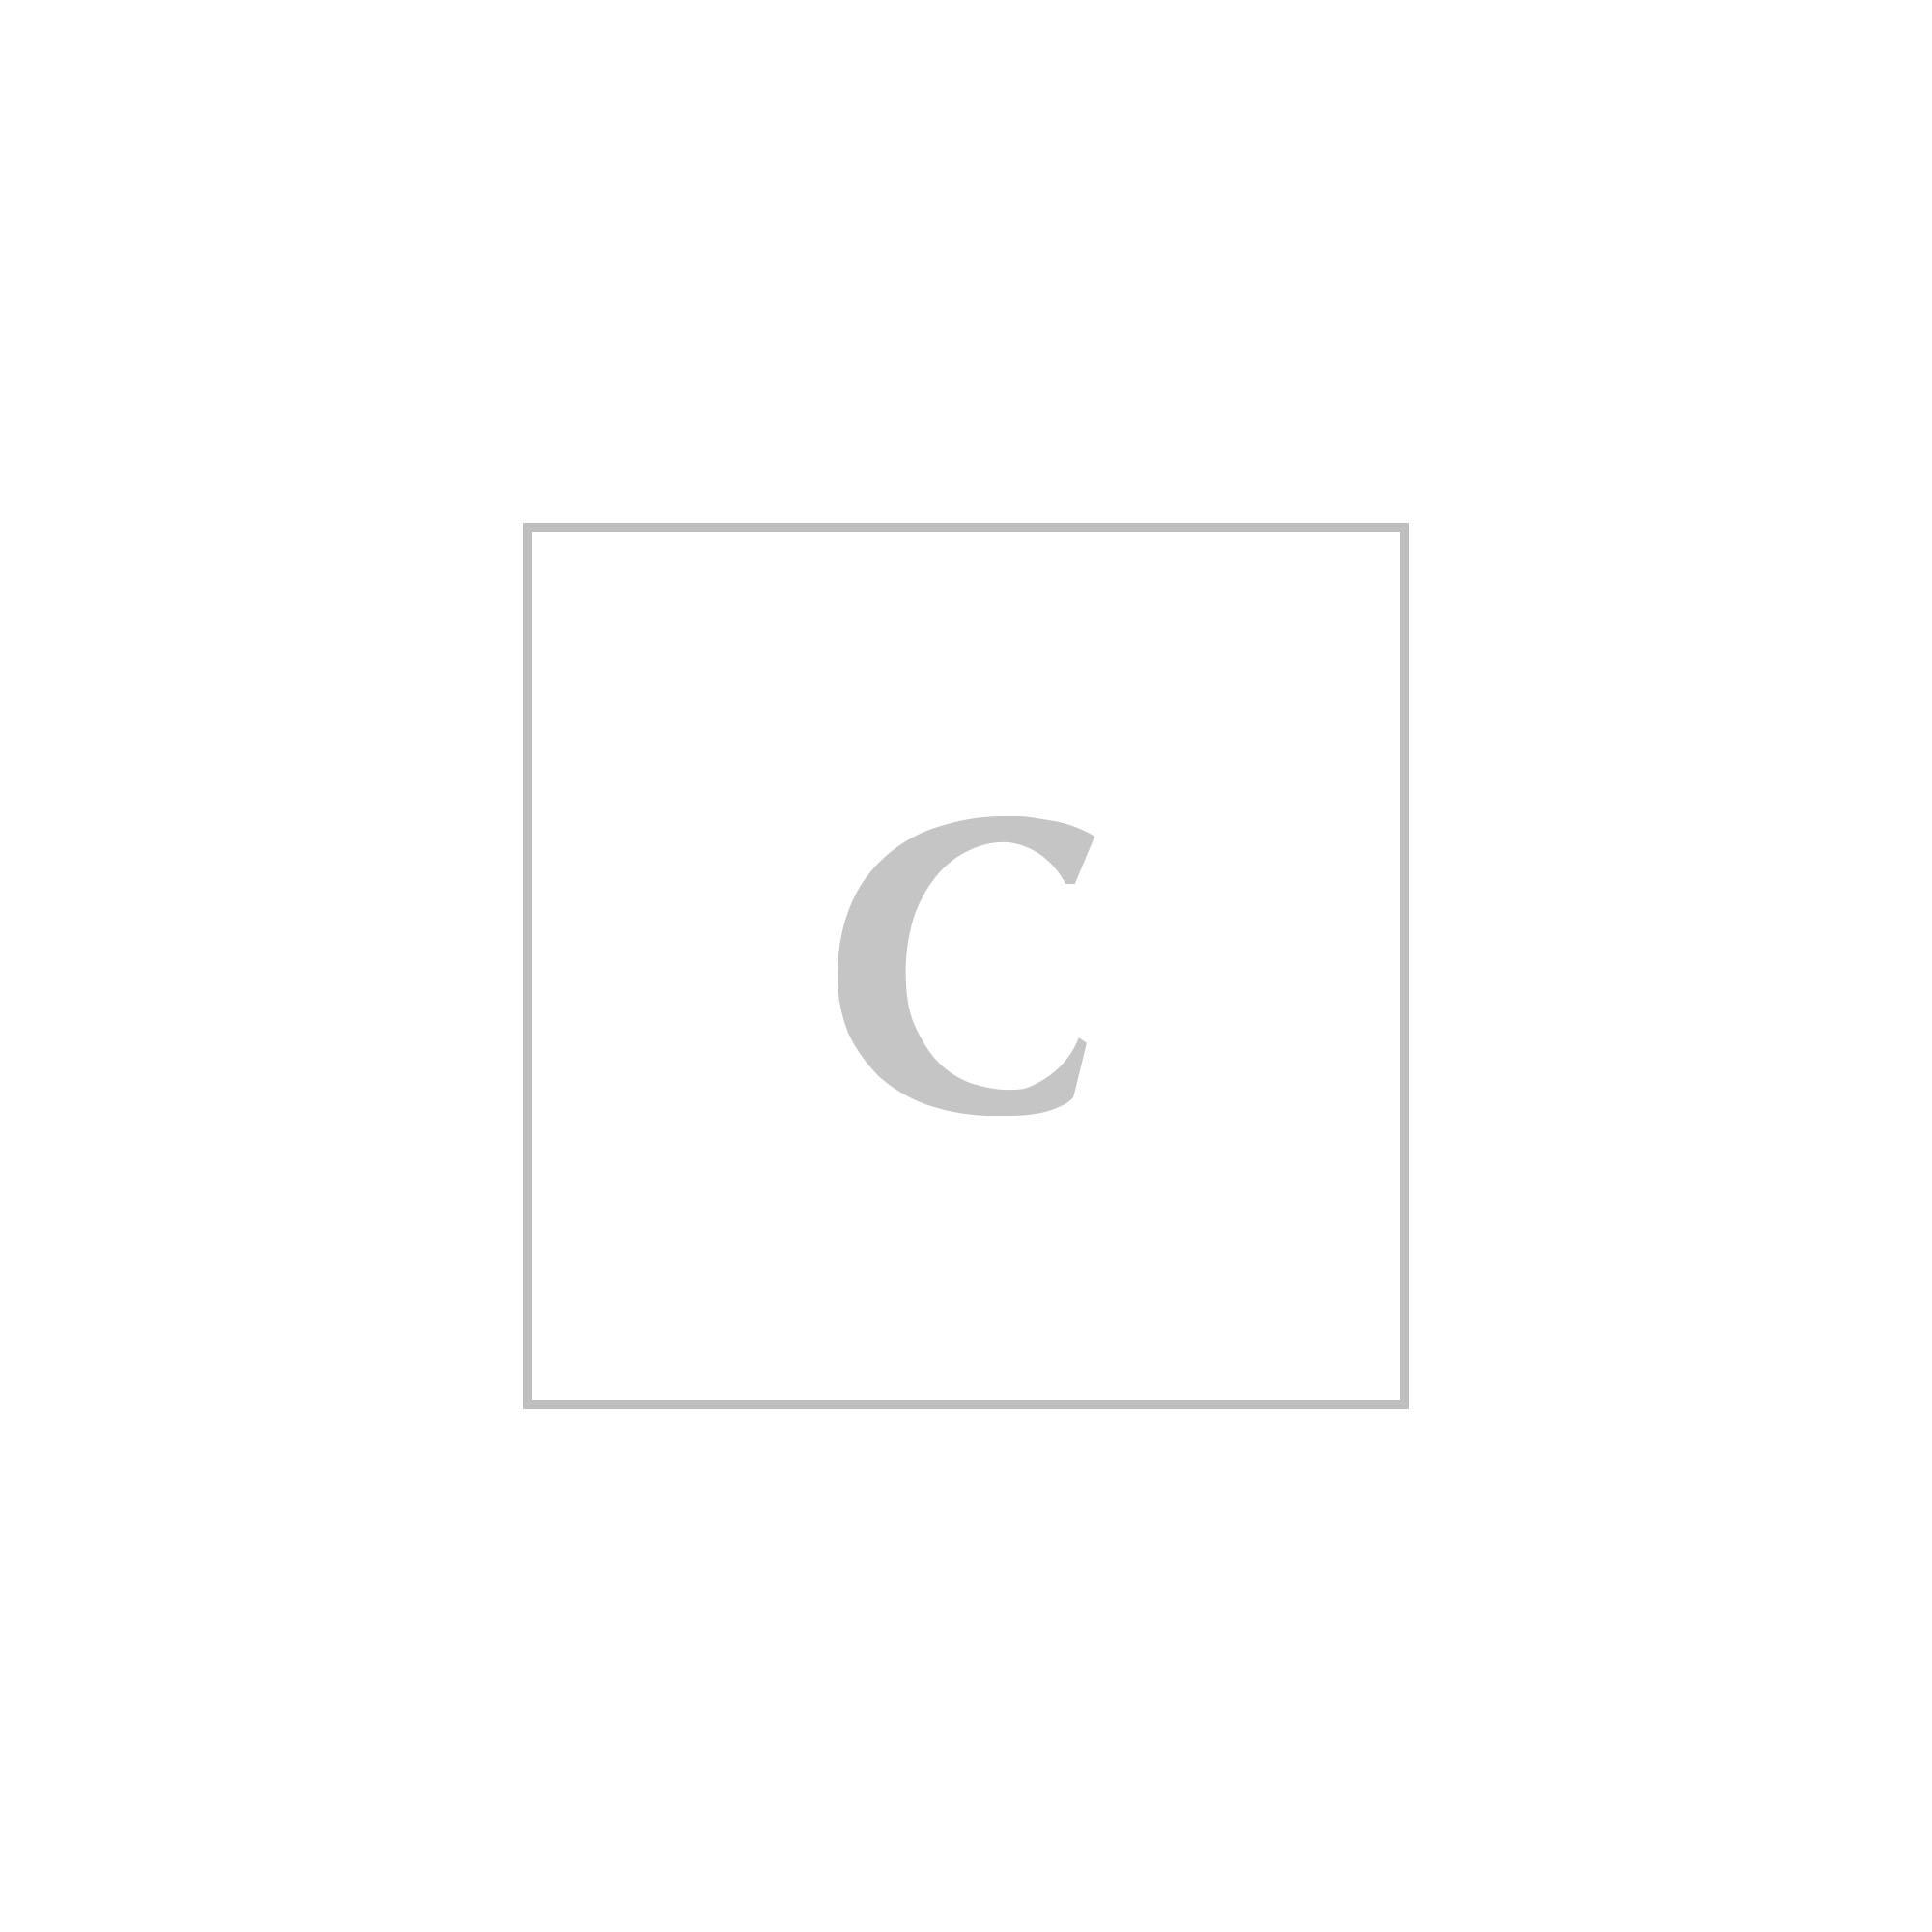 Gabbana Sneakers Coltorti Uomo Dolce Misto Boutique da amp; 81ng7SwqR